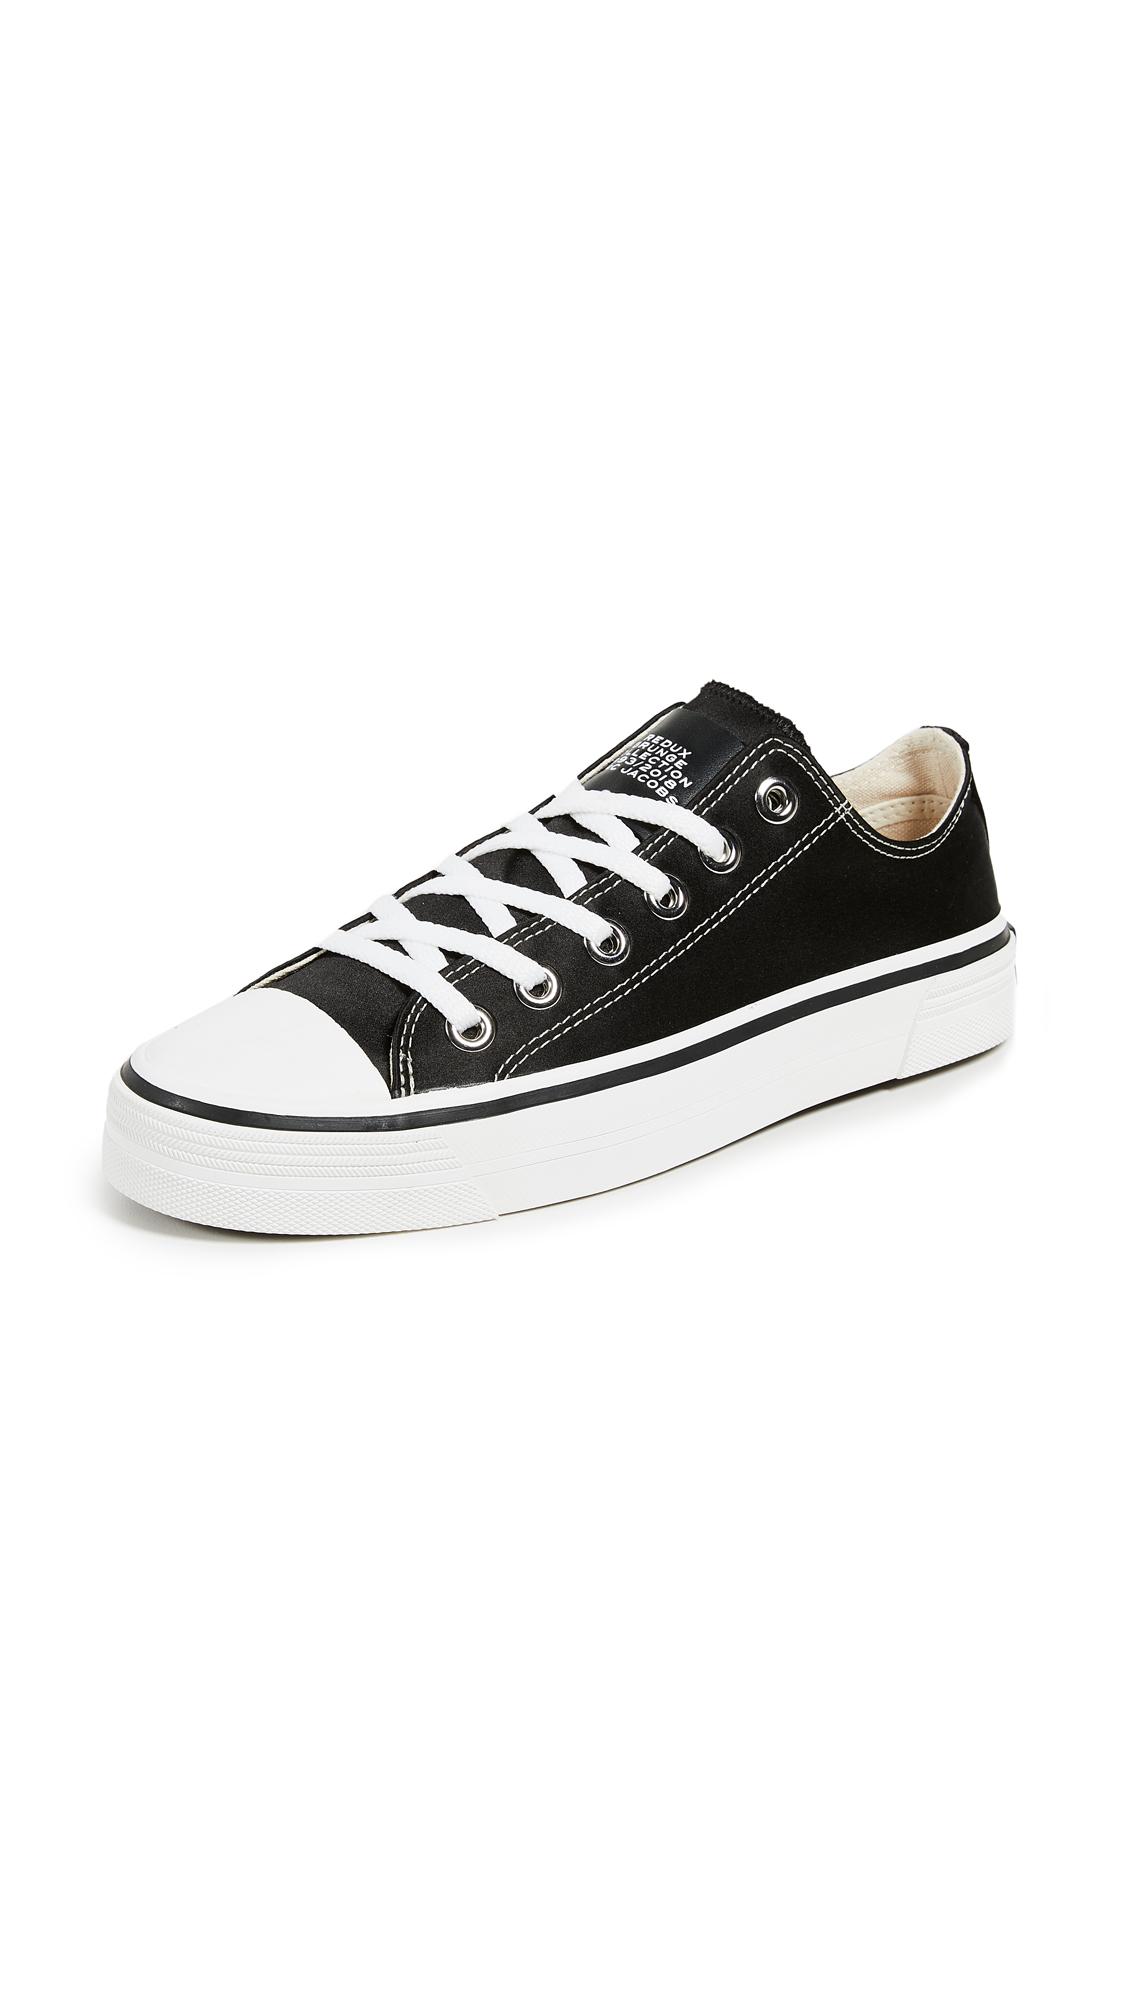 Marc Jacobs Grunge Low Top Sneakers - Black